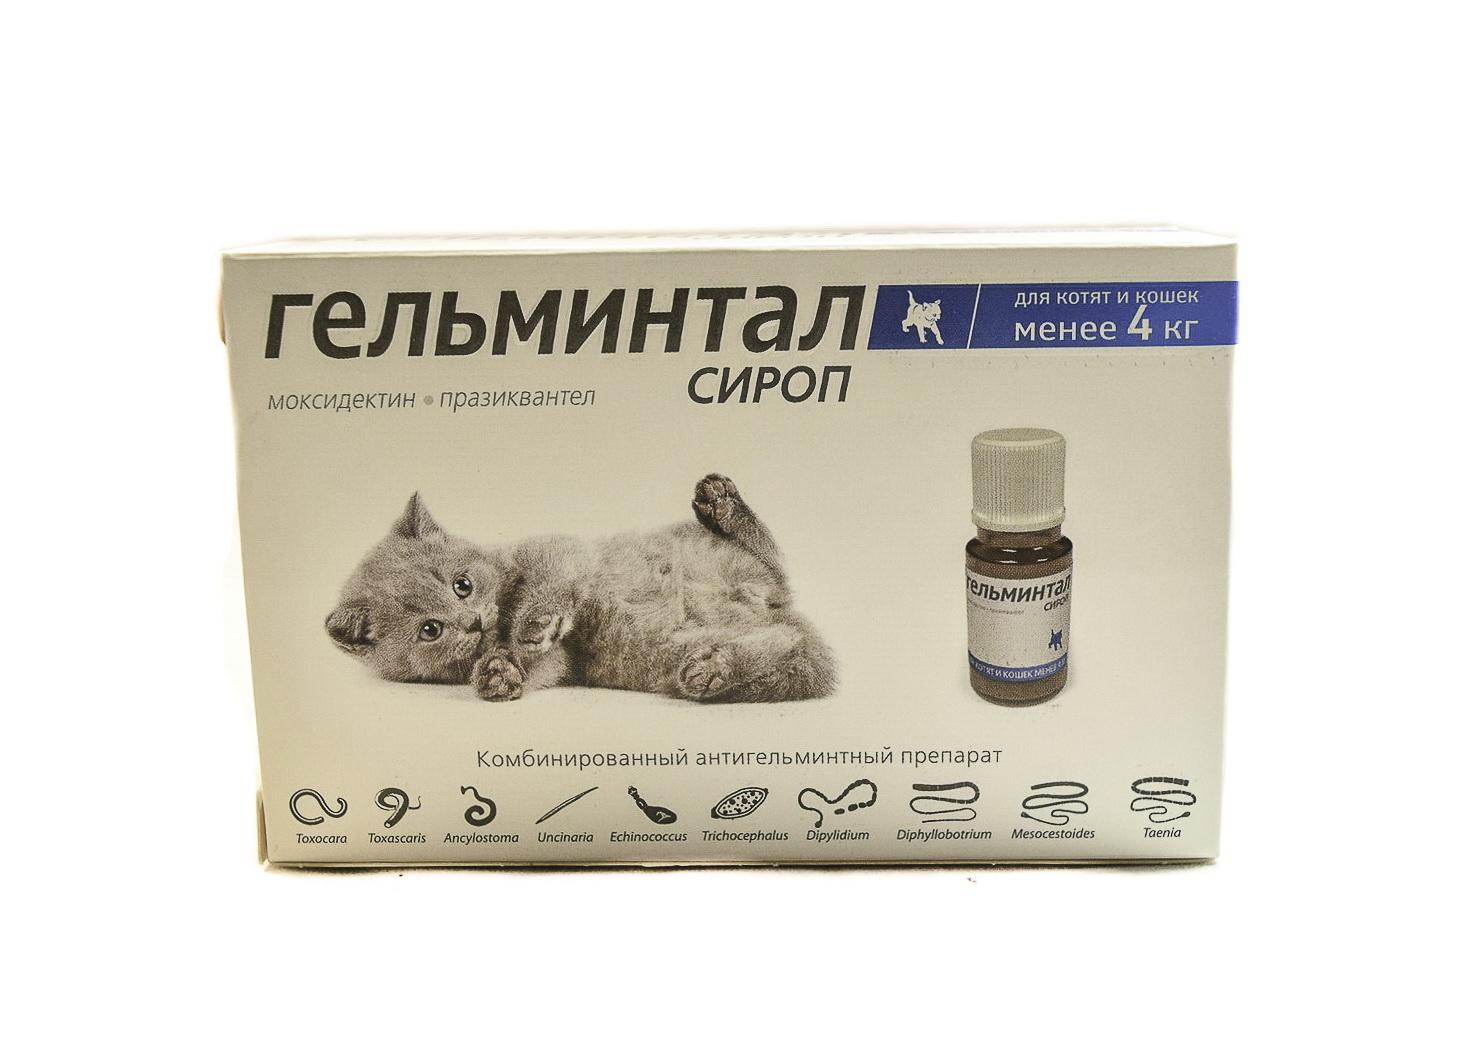 Гельминтал для кошек: инструкция по применению, формы выпуска и возможные побочные эффекты